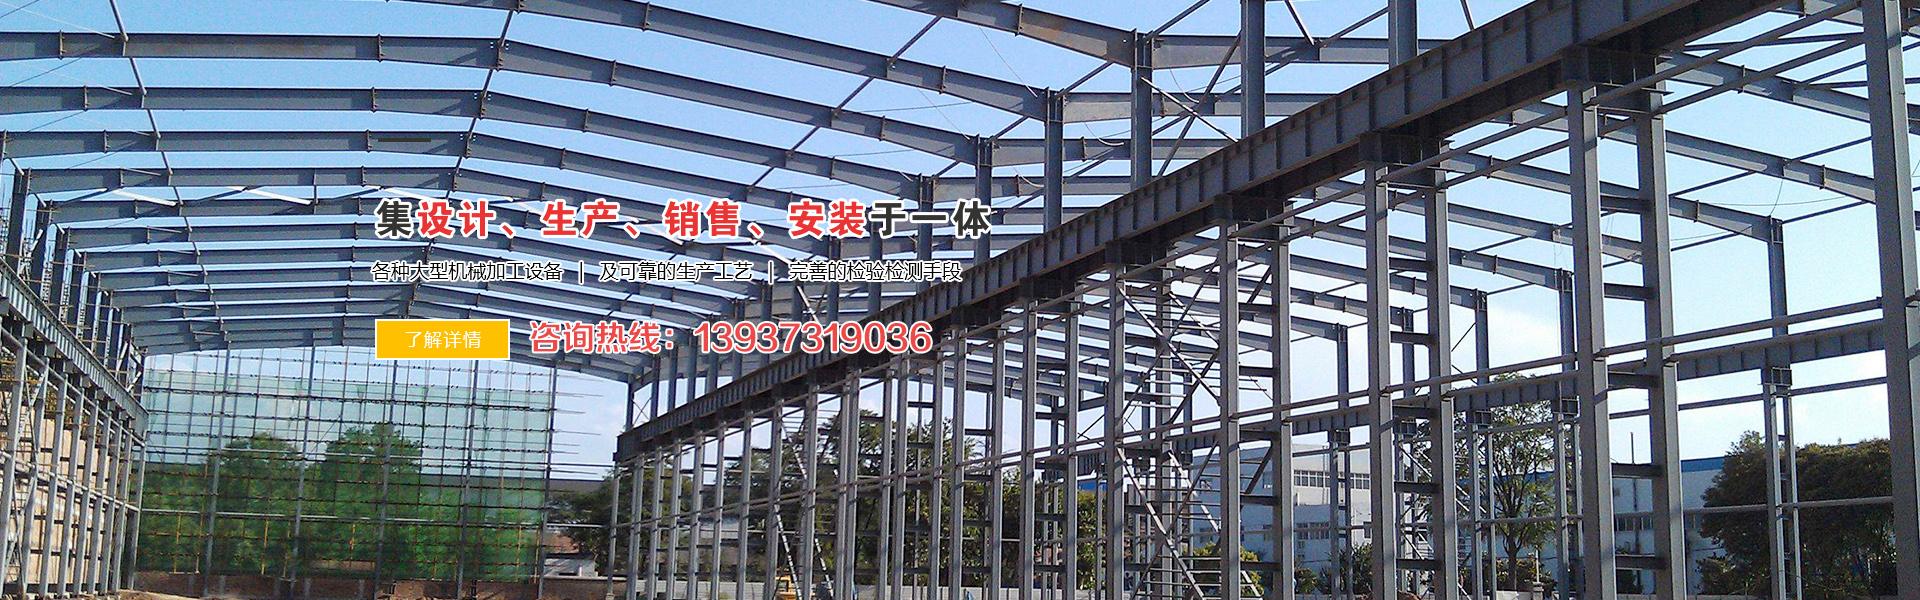 新乡市隆昌重型钢构有限公司